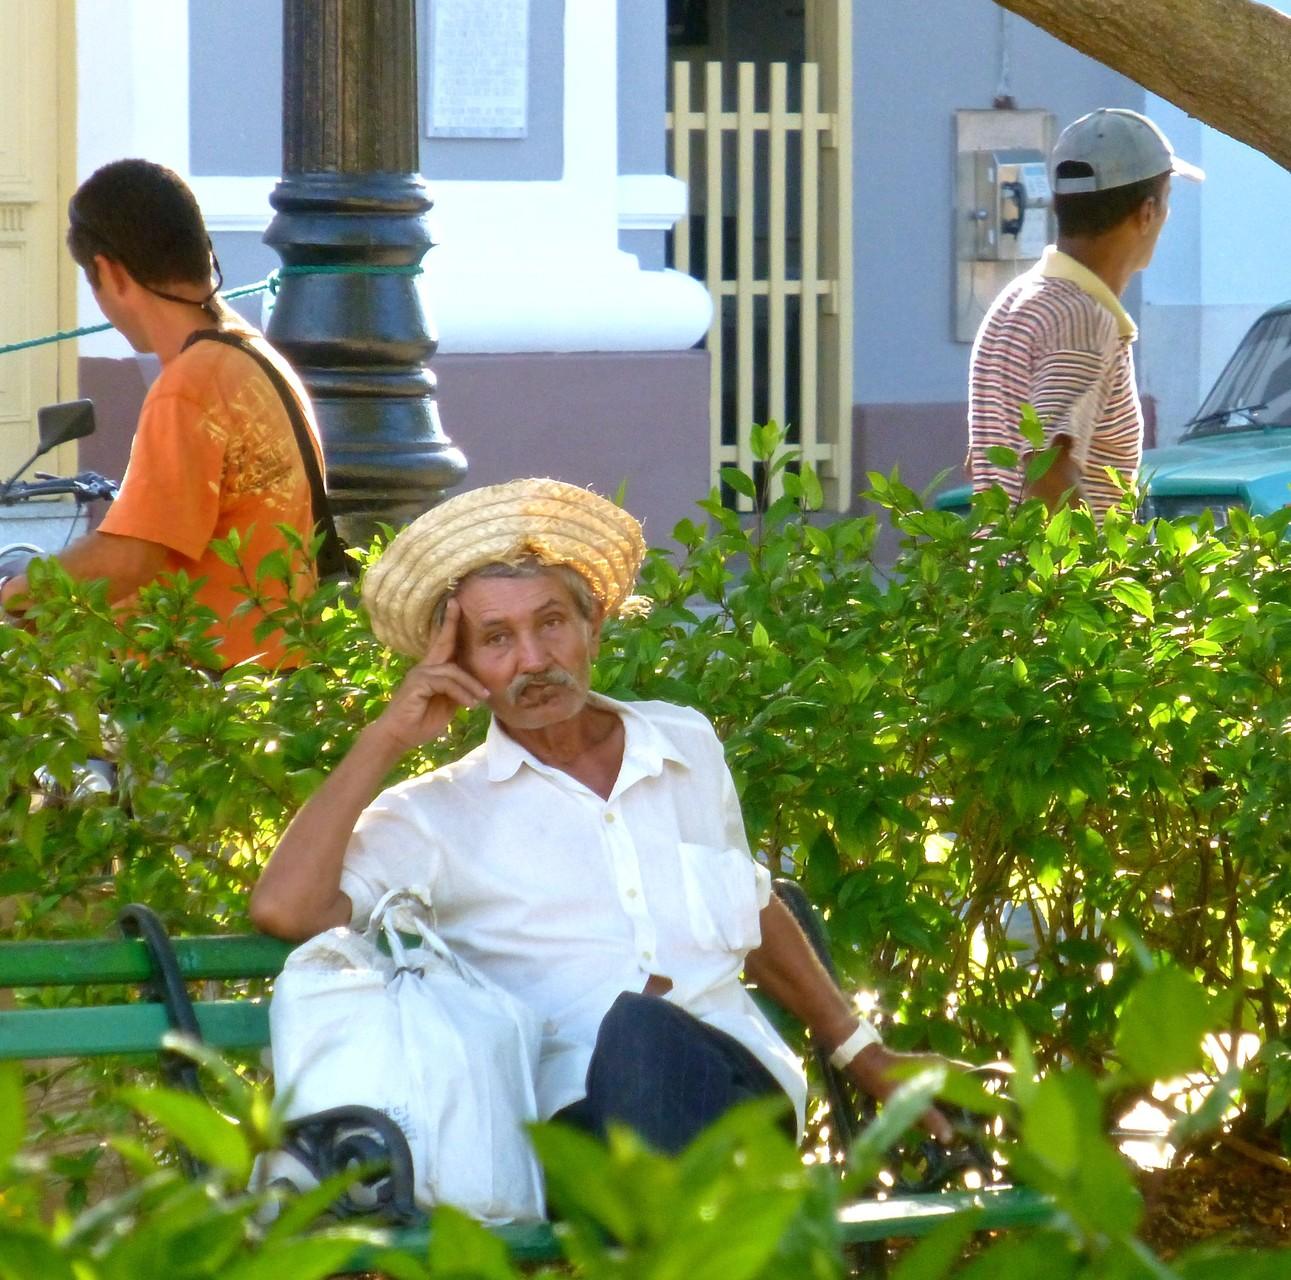 Cienfuegos: Träumen im Park